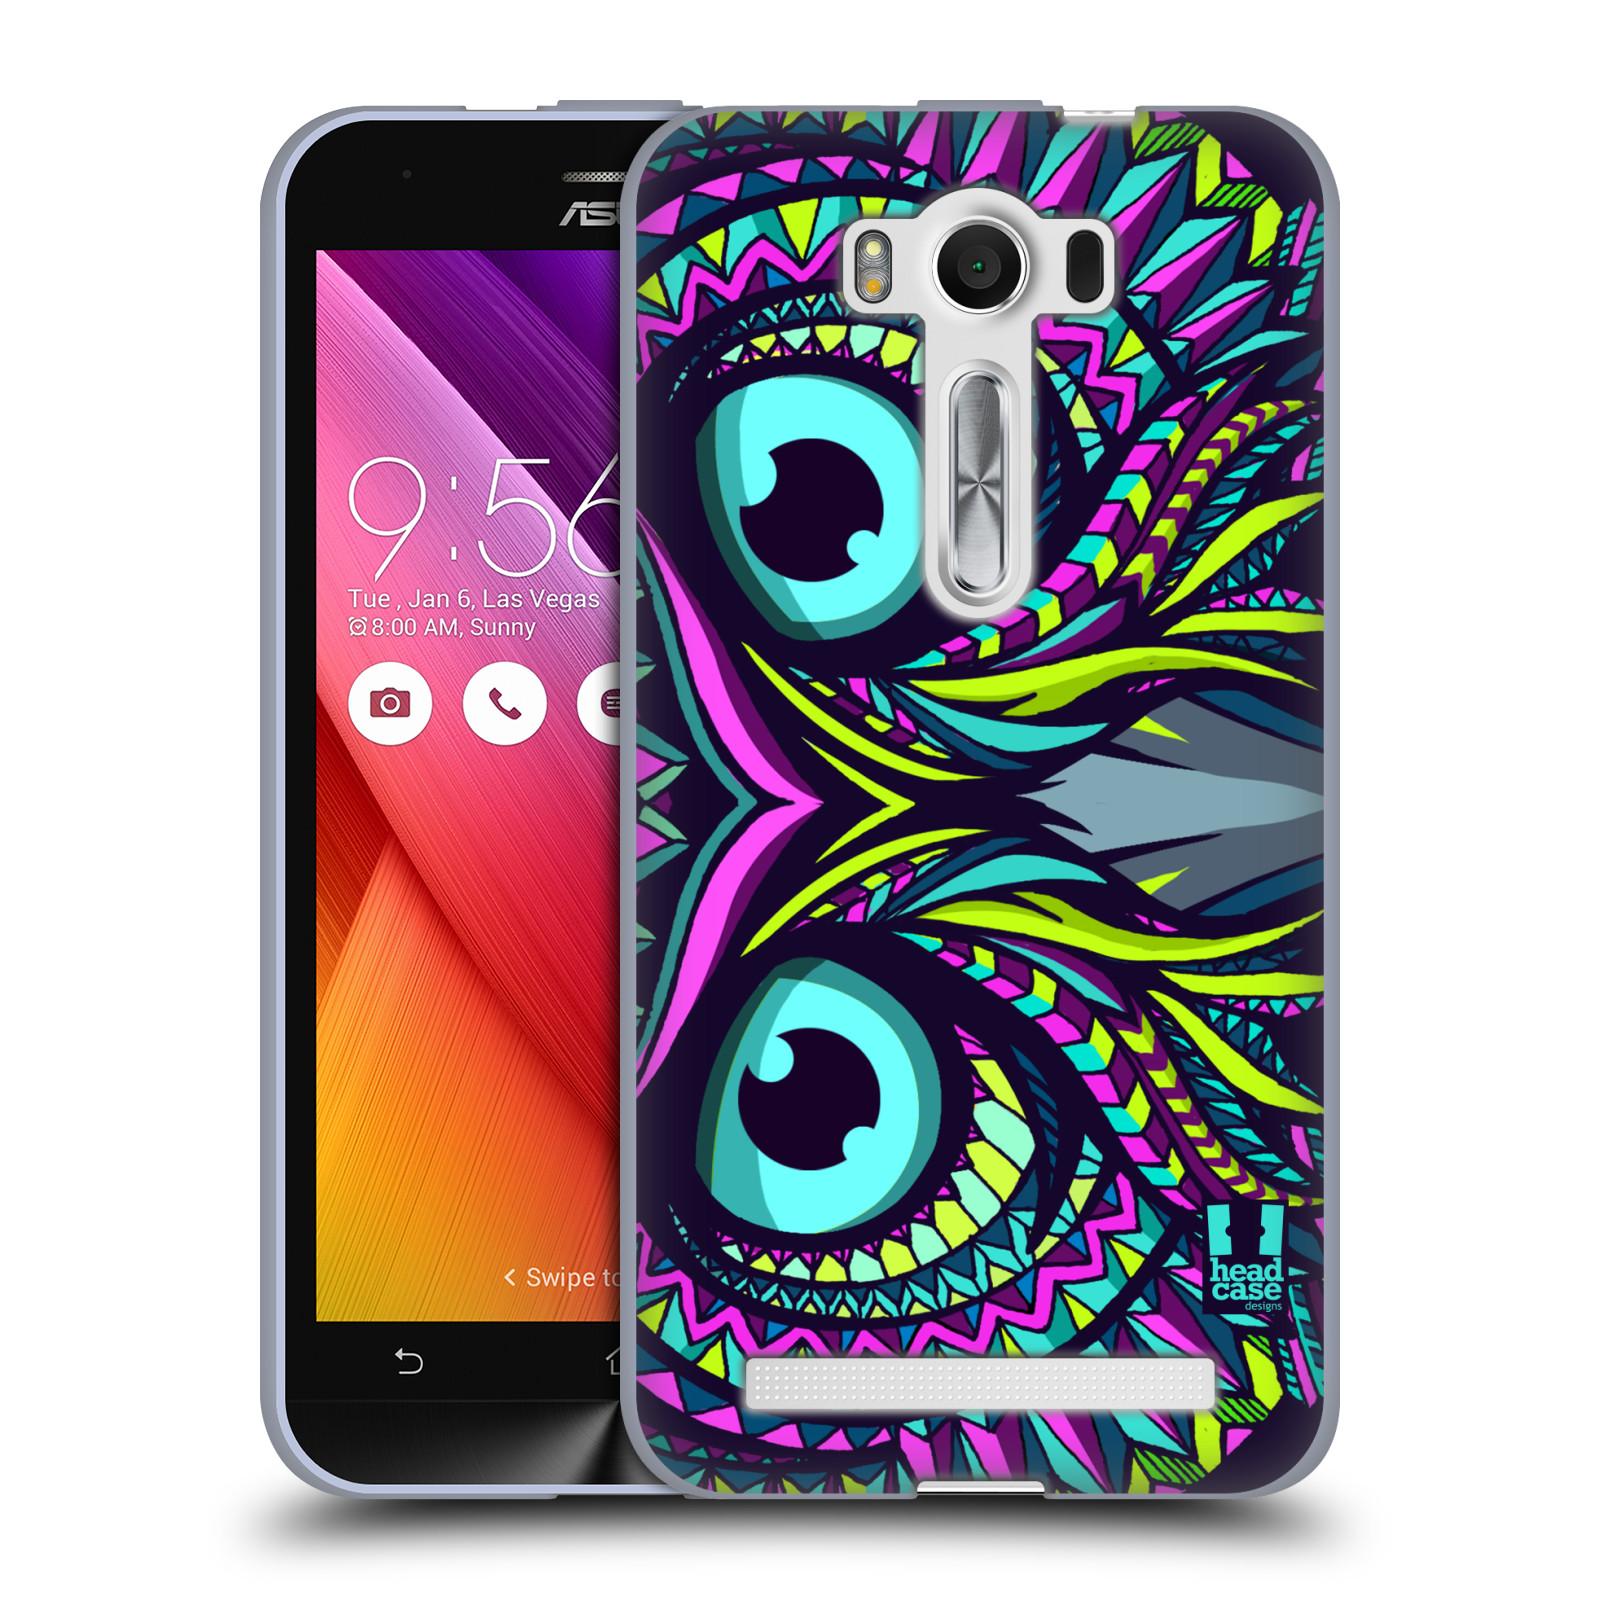 """HEAD CASE silikonový obal na mobil Asus Zenfone 2 LASER (ZE500KL s 5"""" displejem) vzor Aztécký motiv zvíře sova"""